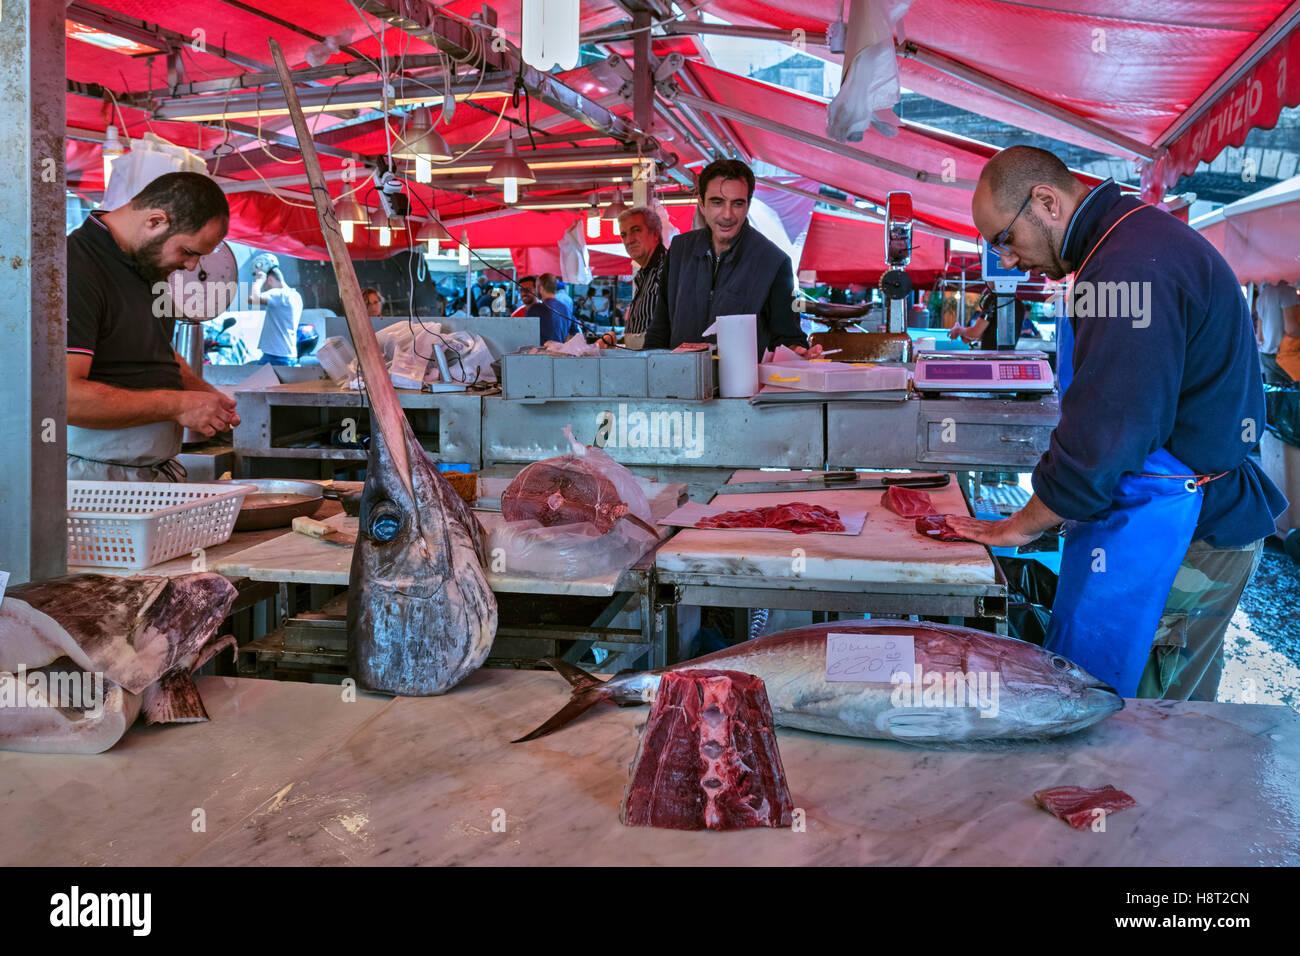 La Pescheria, marché aux poissons, Catane, Sicile, Italie Photo Stock